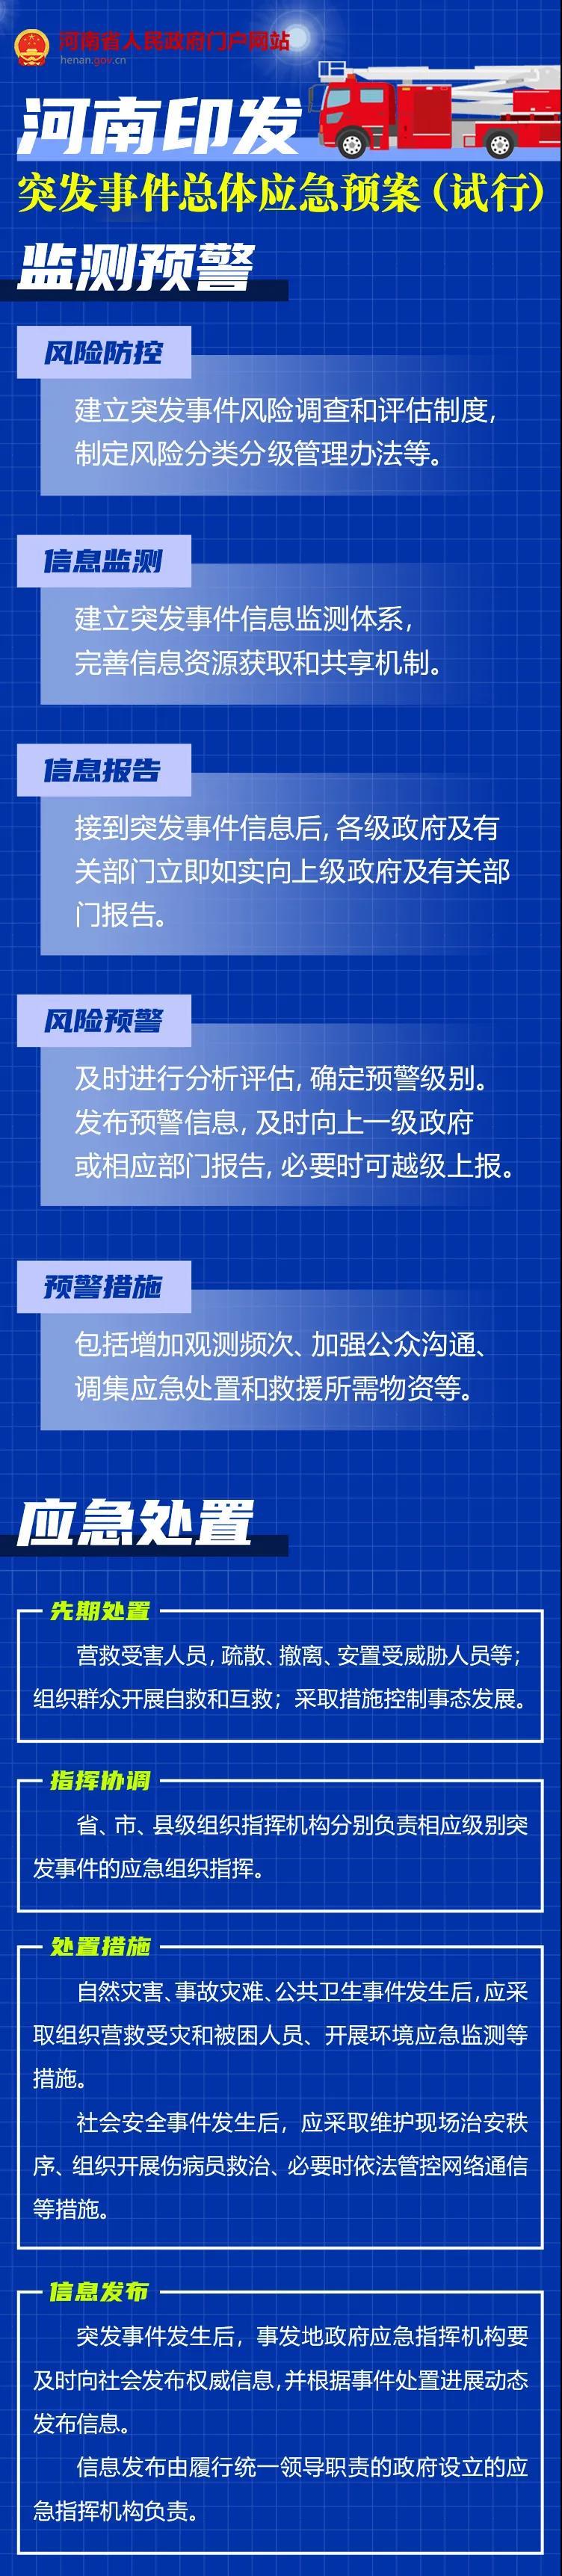 河南省突发事件总体应急预案(试行)系列图解之二